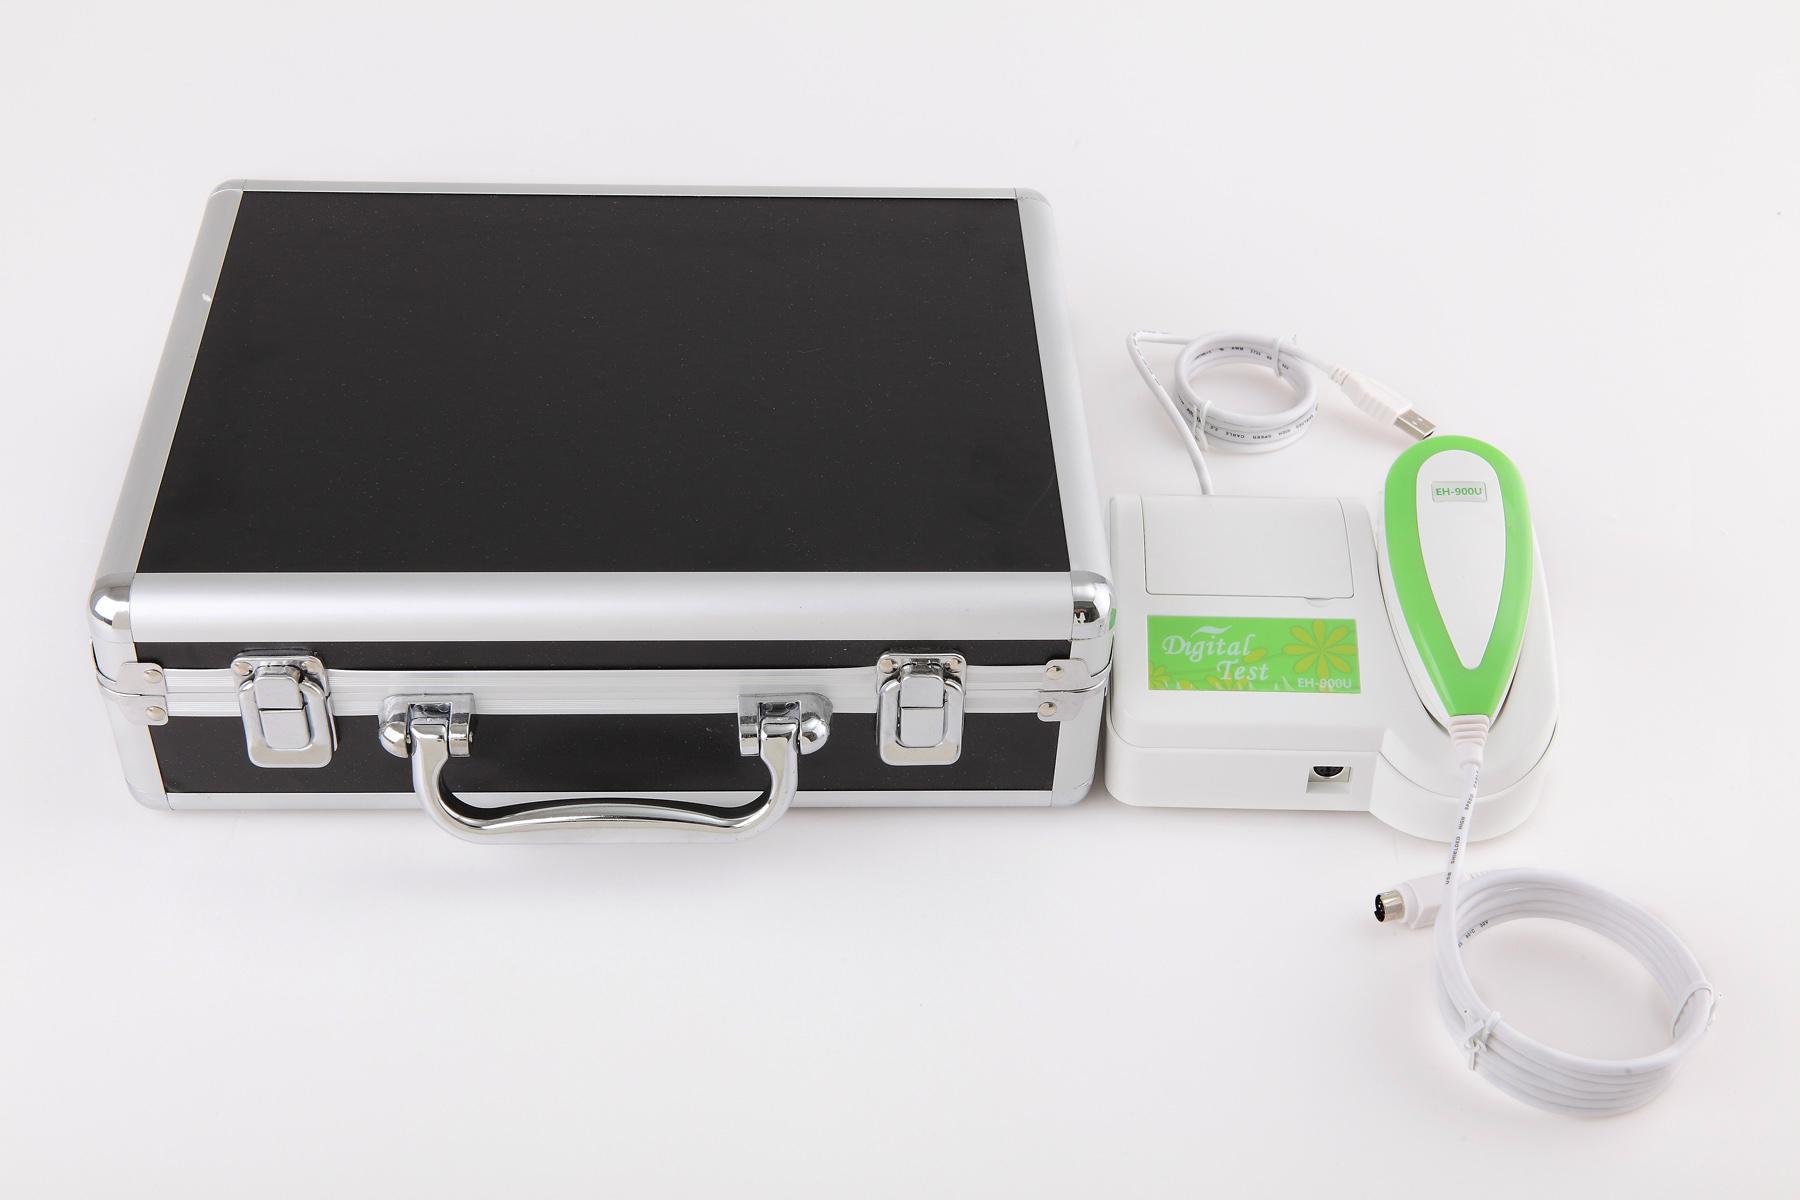 全新500万像素USB电脑型左/右灯自动分析虹膜检测仪 5